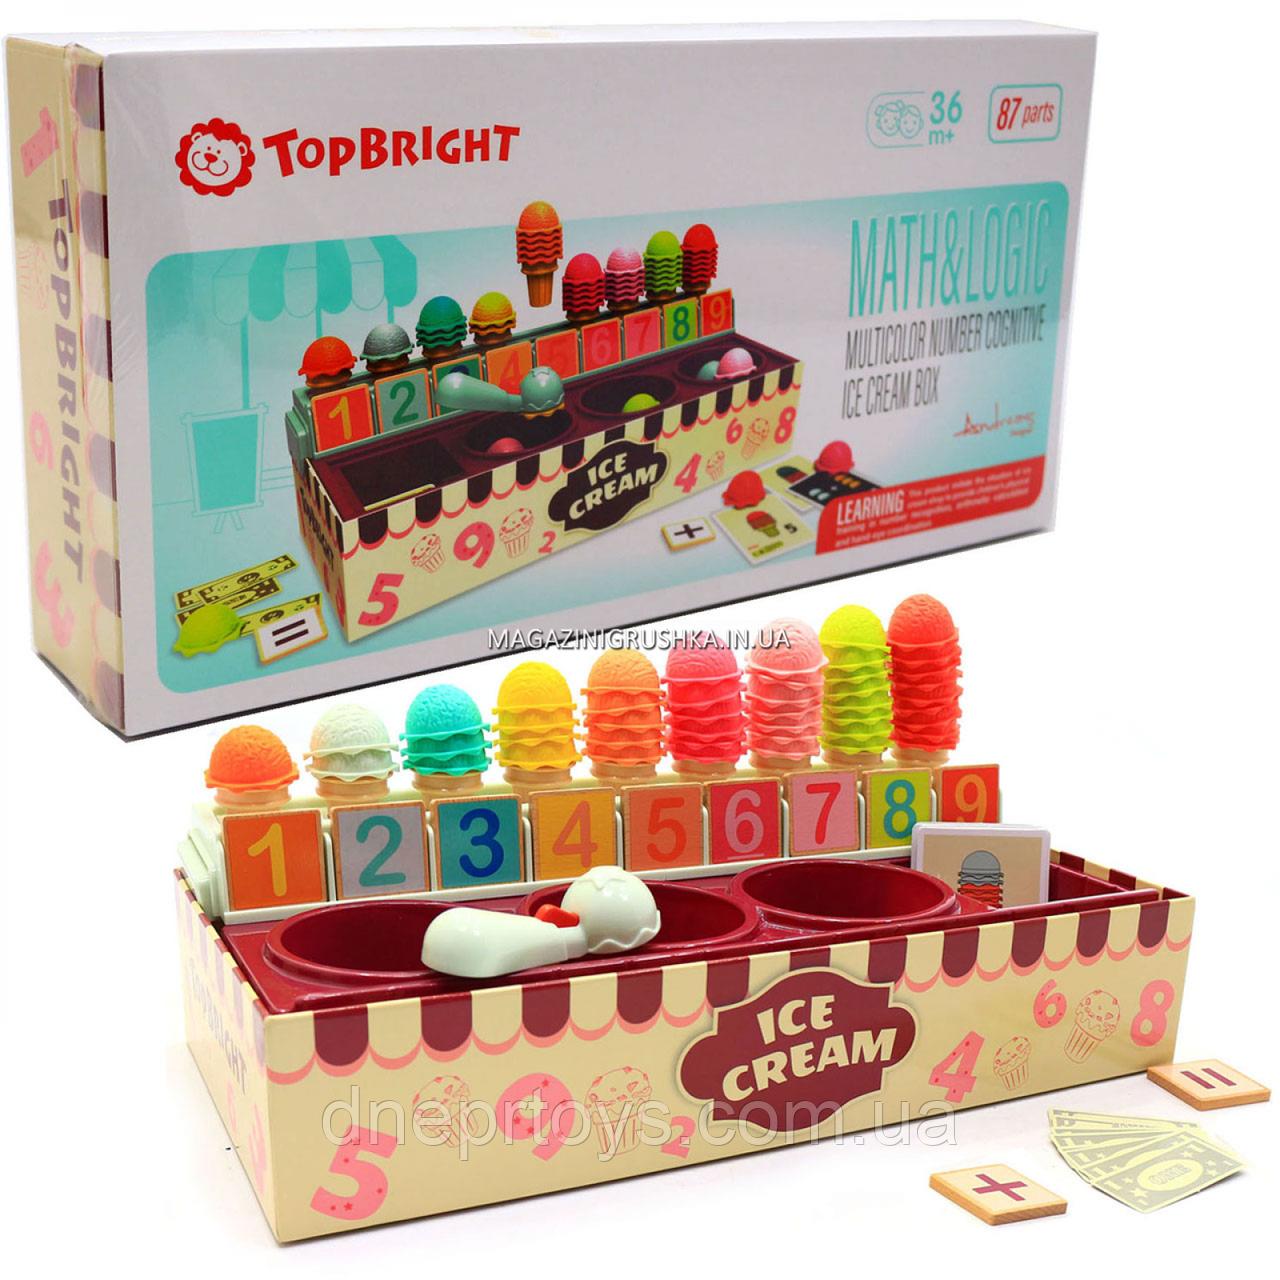 Цветная когнитивная коробочка с мороженым от Top Bright (120478)